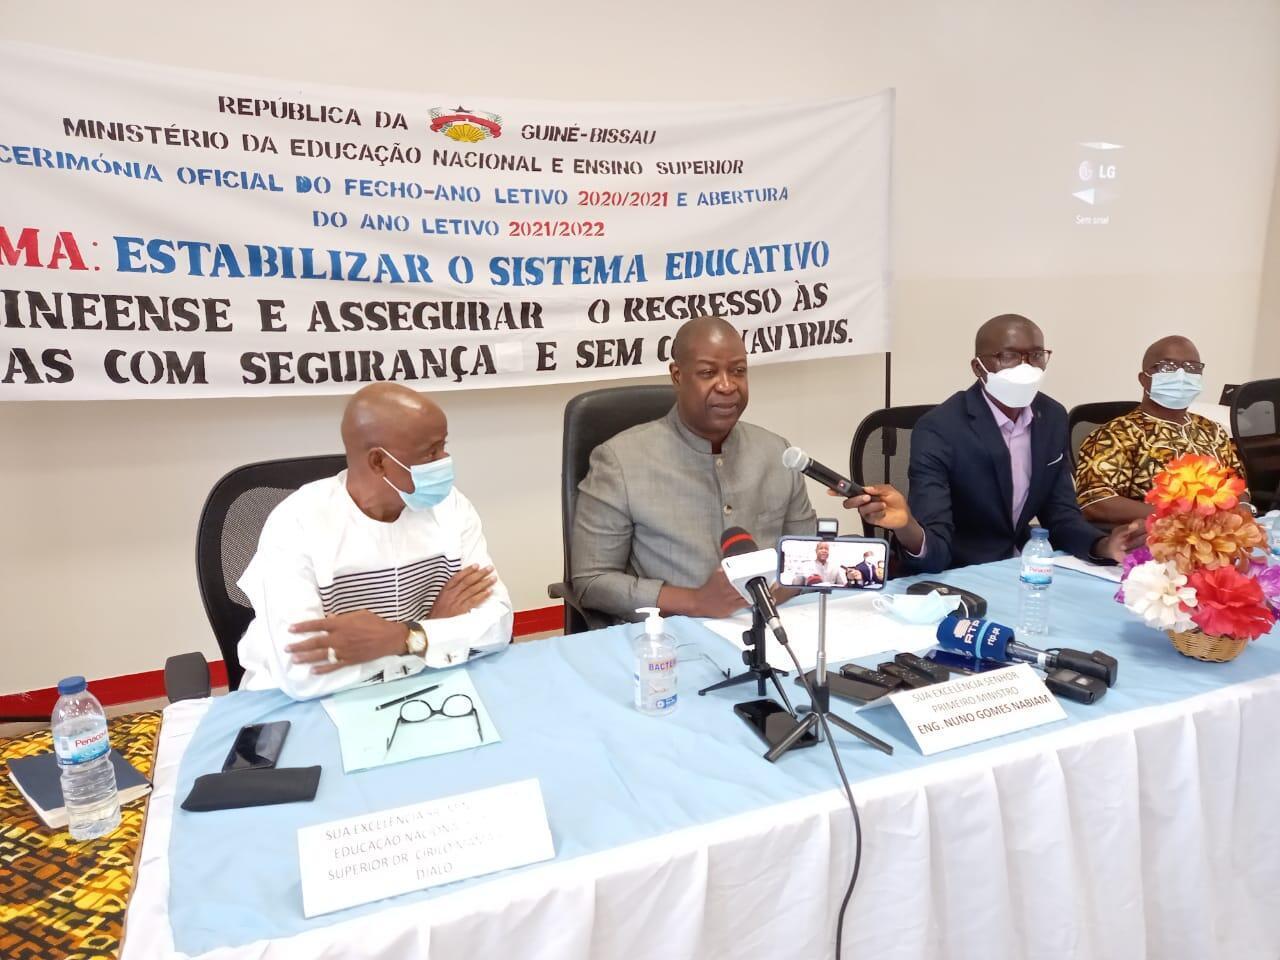 Nuno Gomes Nabiam - Governo - Guiné-Bissau - Política - Primeiro-ministro